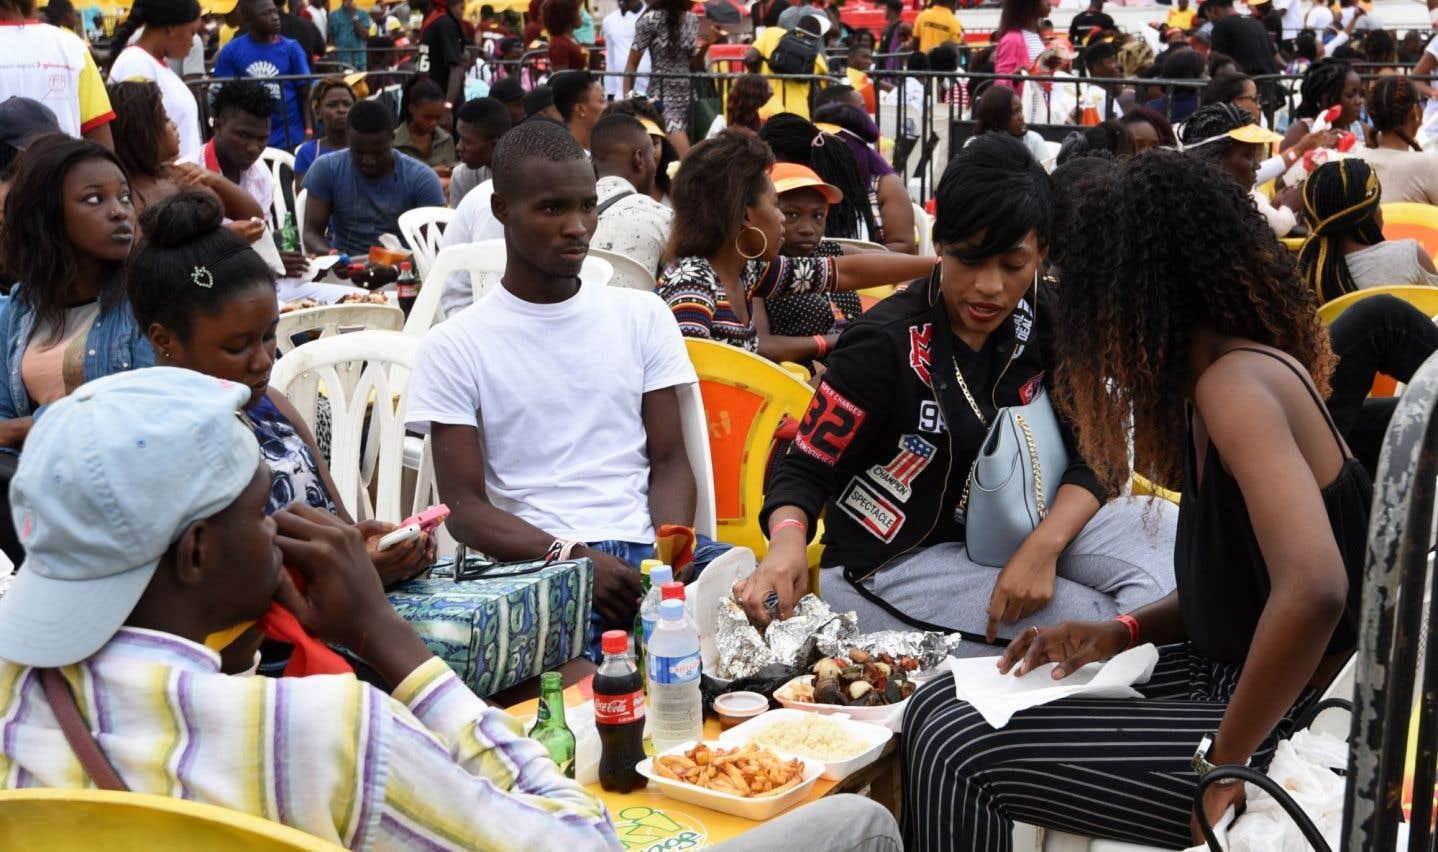 Les festivaliers, dont une majorité de jeunes, ont pris d'assaut les stands pour «manger et s'amuser».